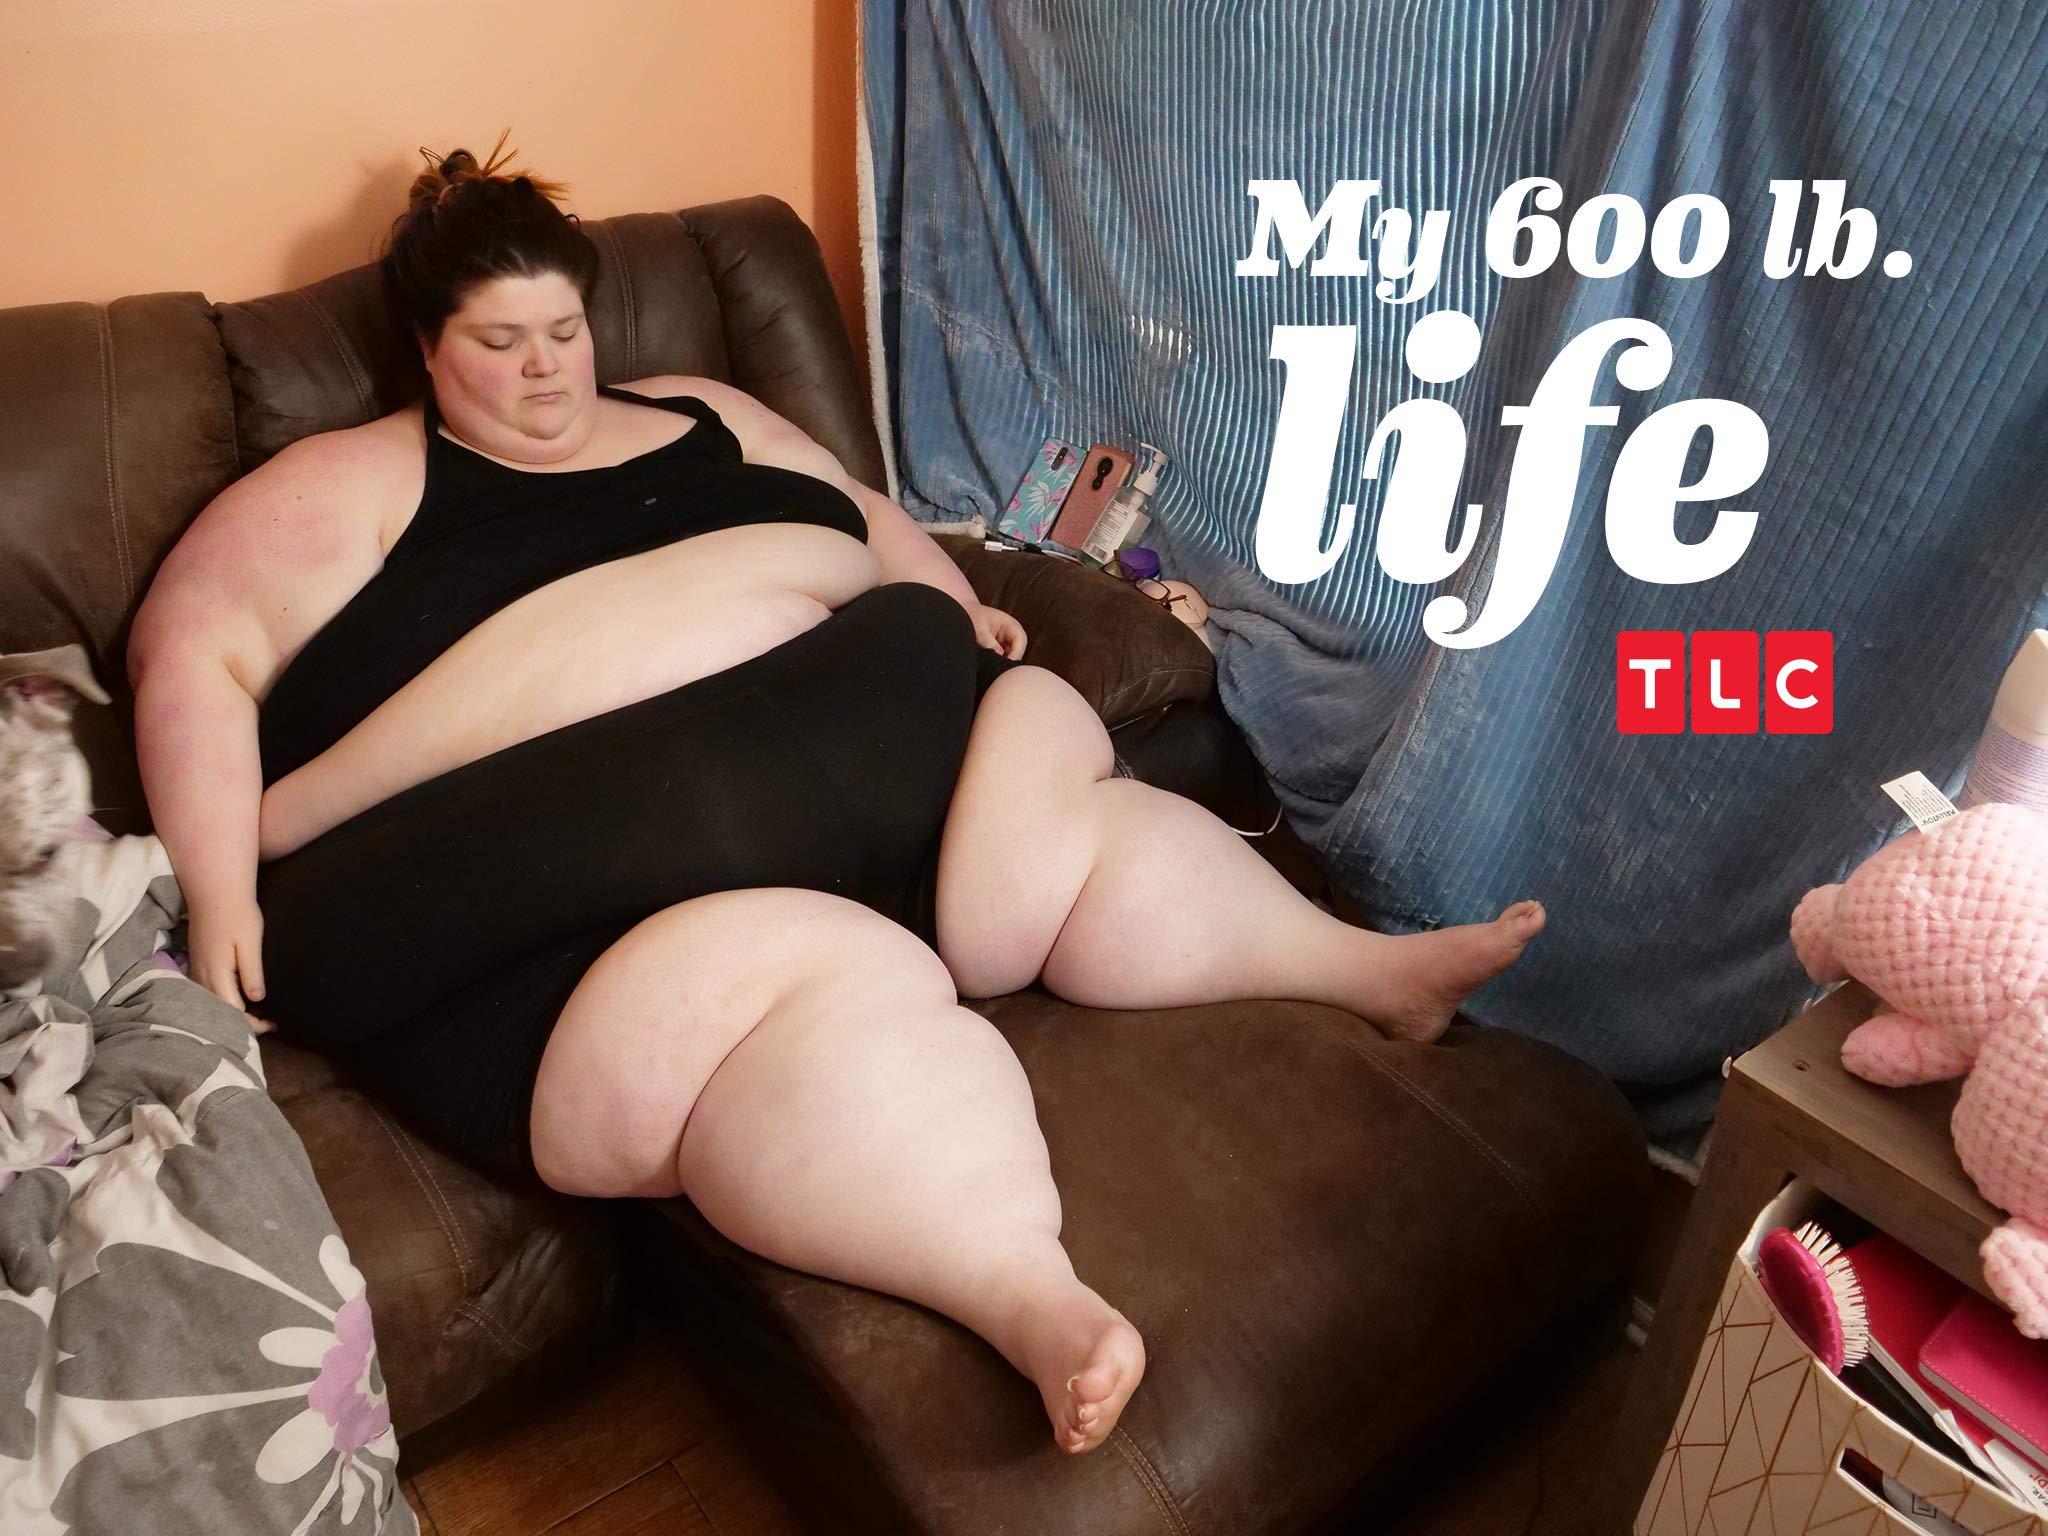 borostyánsárga a 600 lb súlyú fogyásom